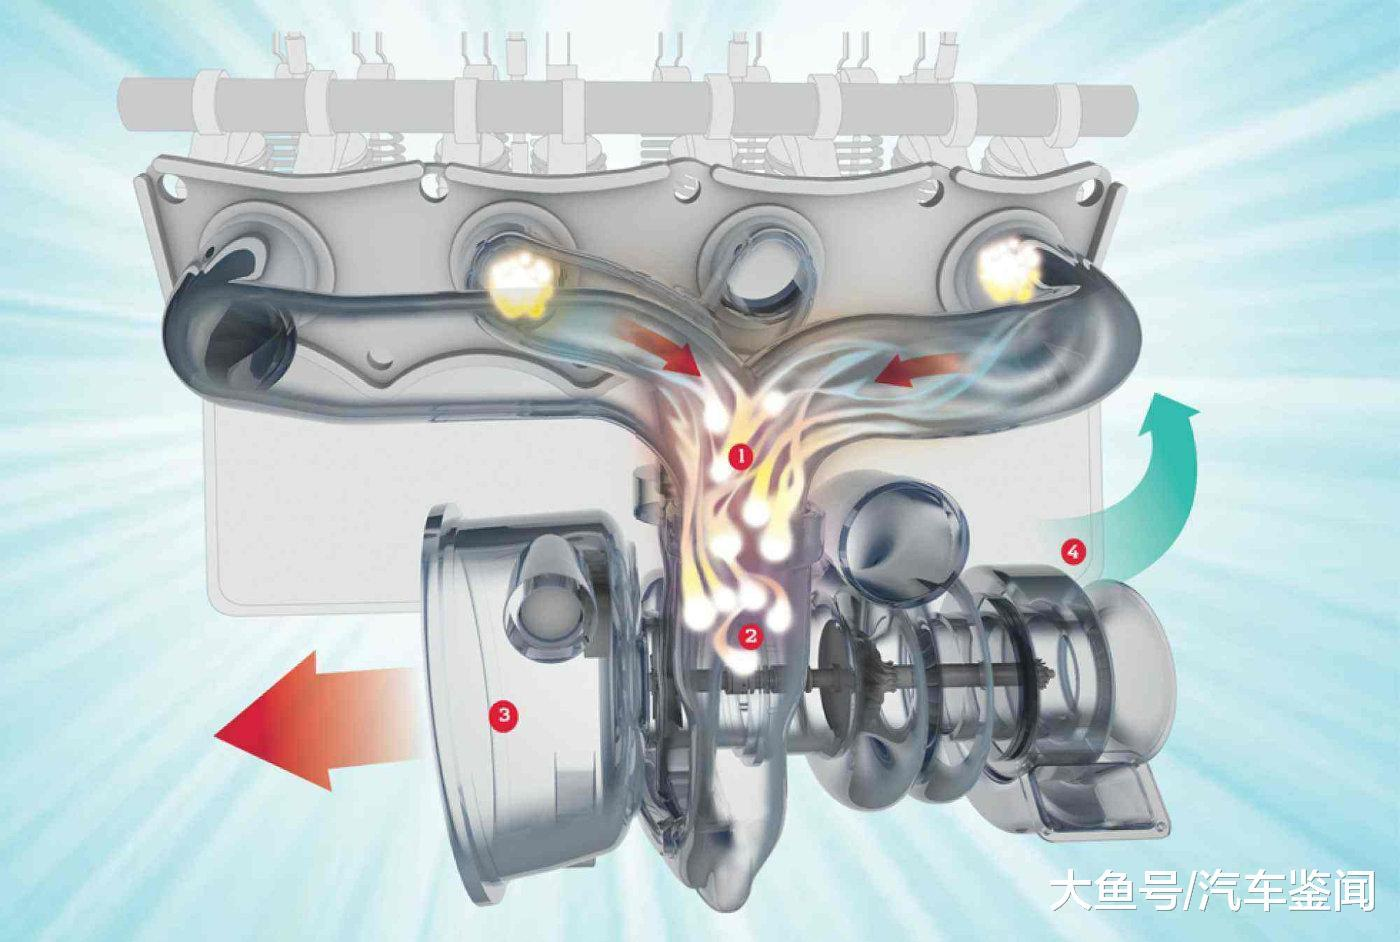 天然吸气 VS 涡轮删压, 通俗家庭采办日常代步对象该怎样选?